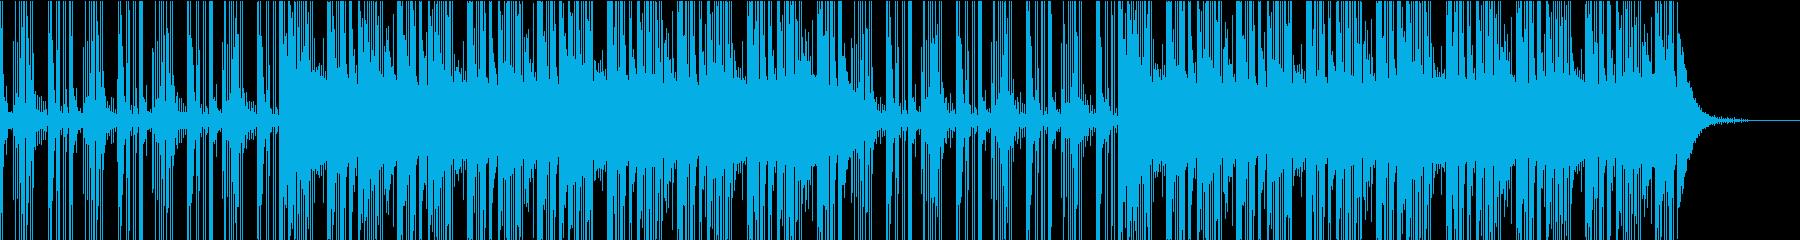 冷たい空間を感じるBGMの再生済みの波形